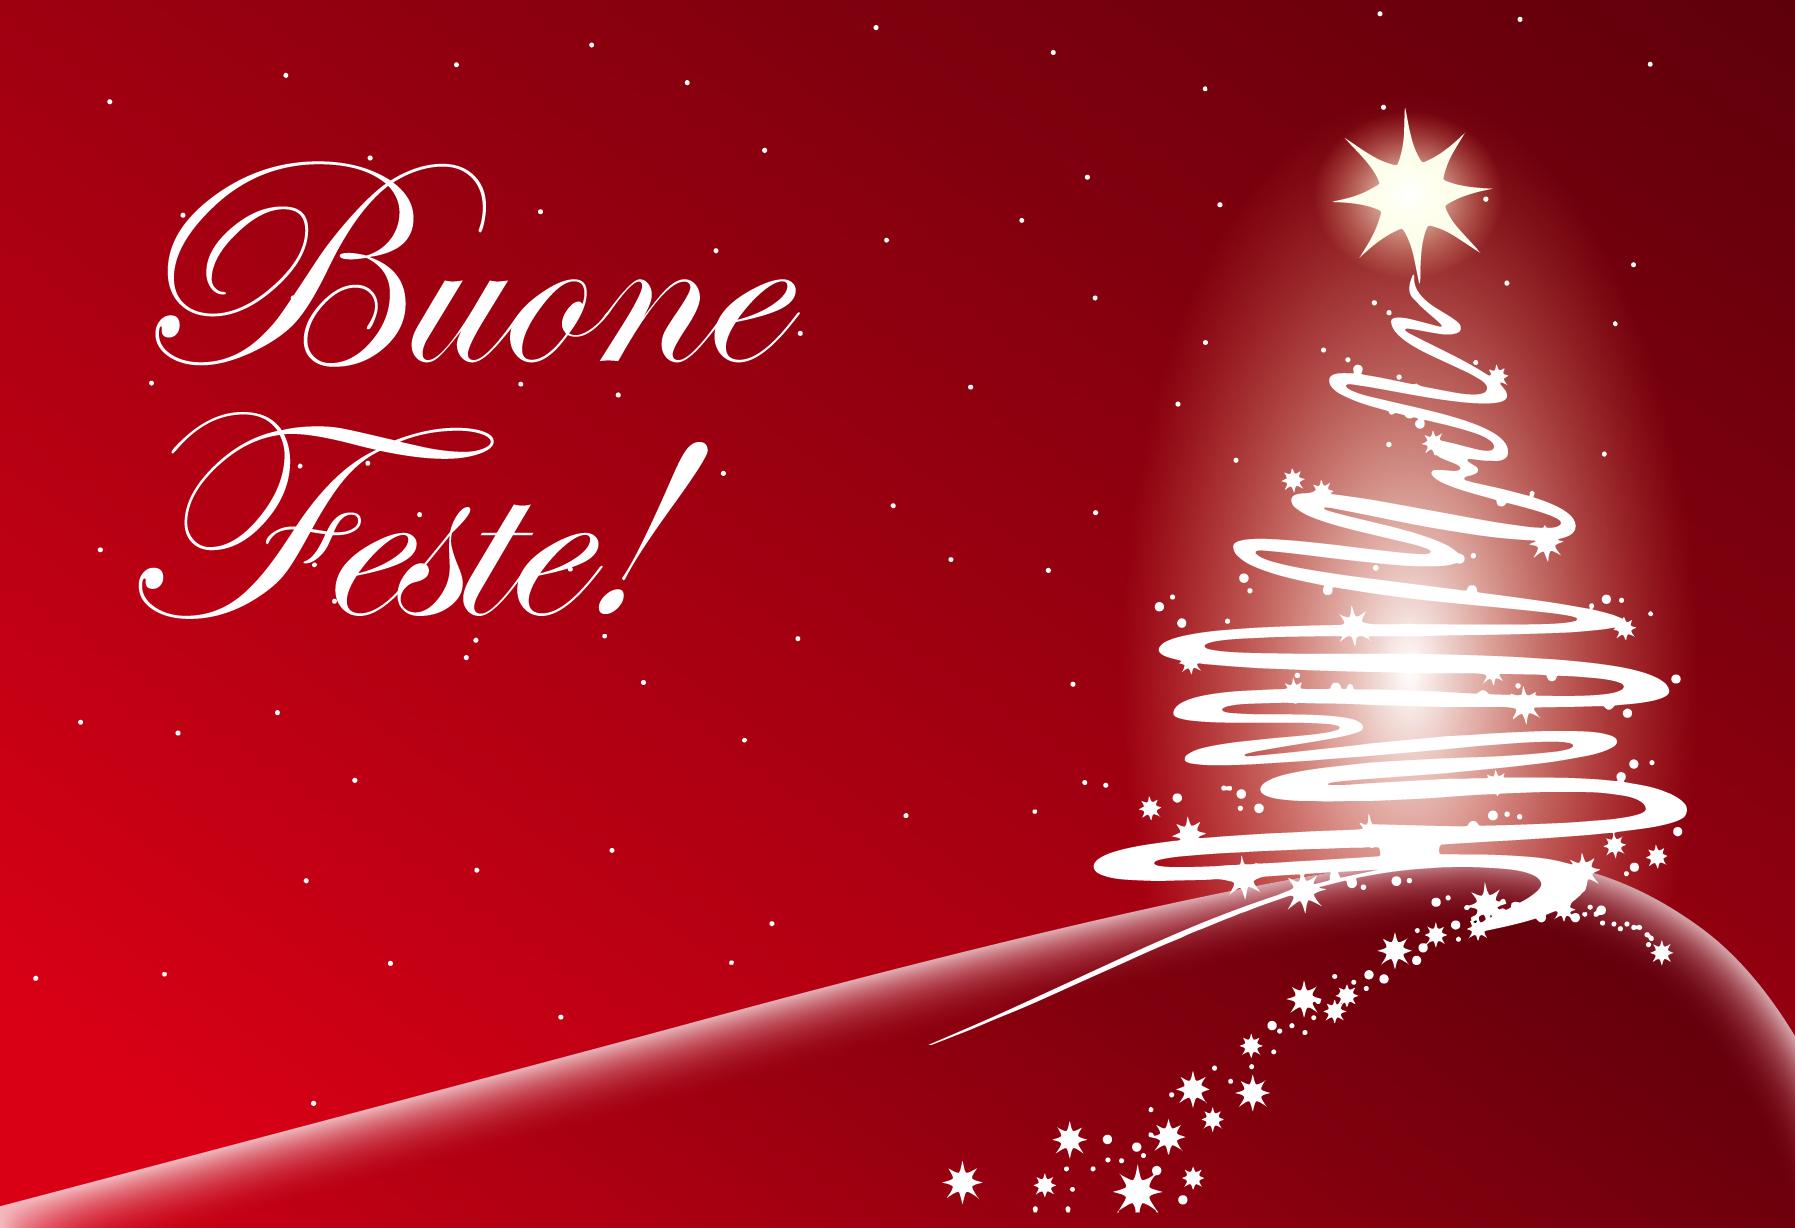 tanti auguri di buone feste ai nostri lettori - orticaweb